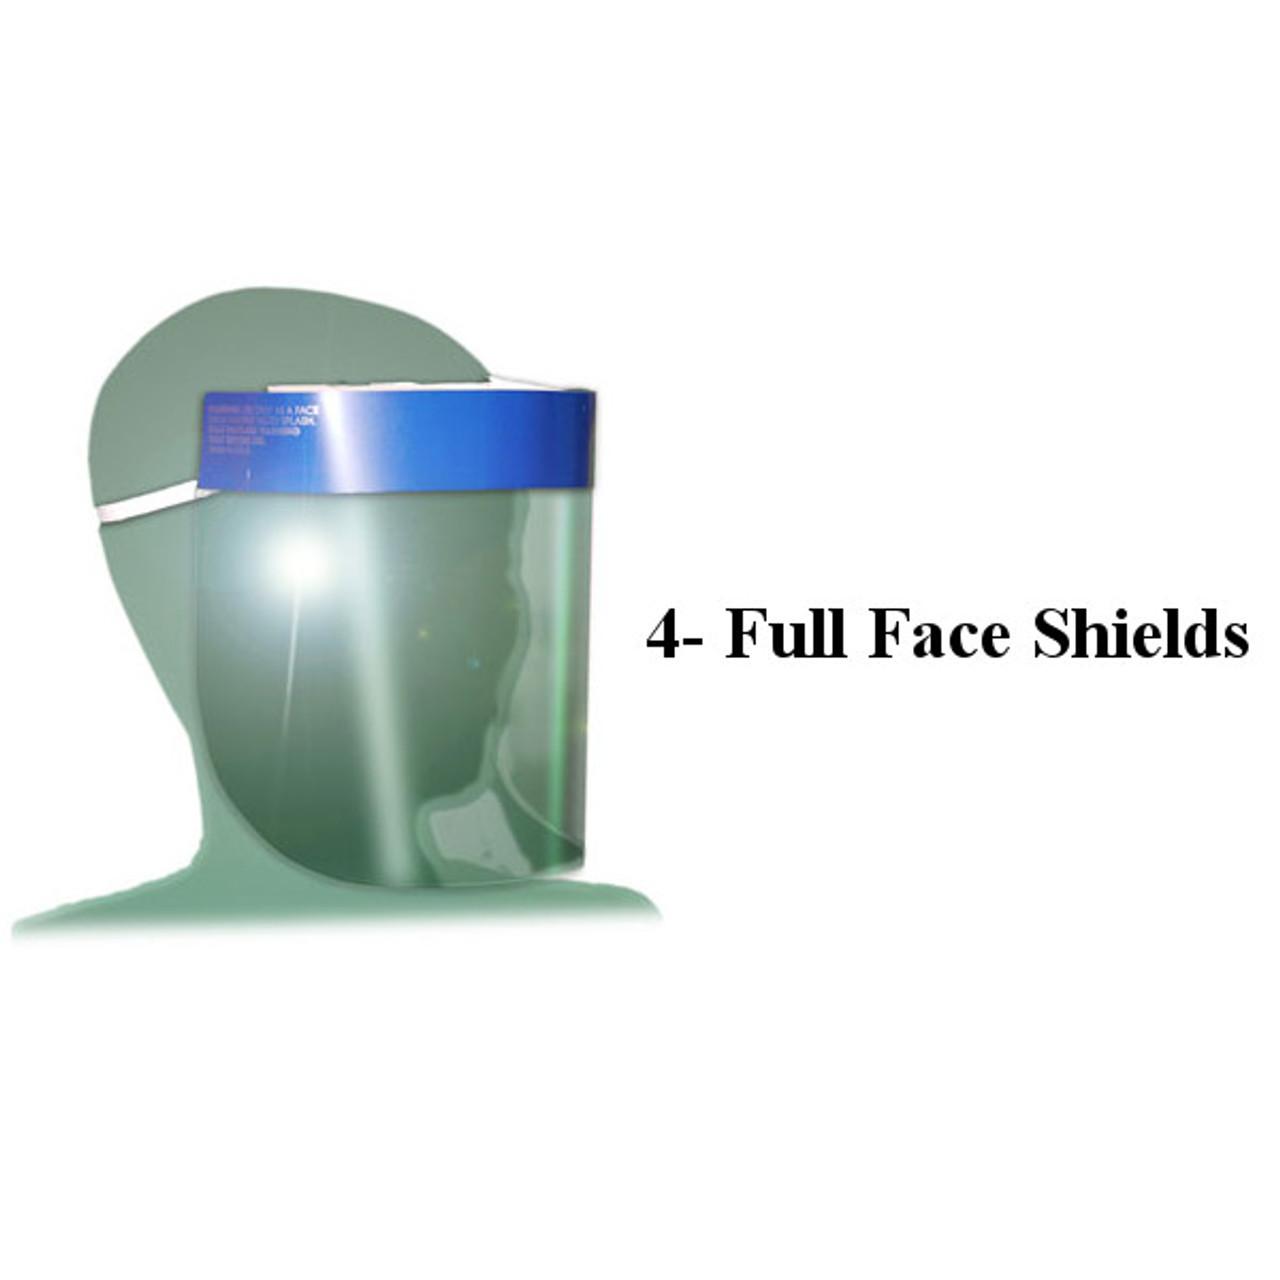 Full Face Shields